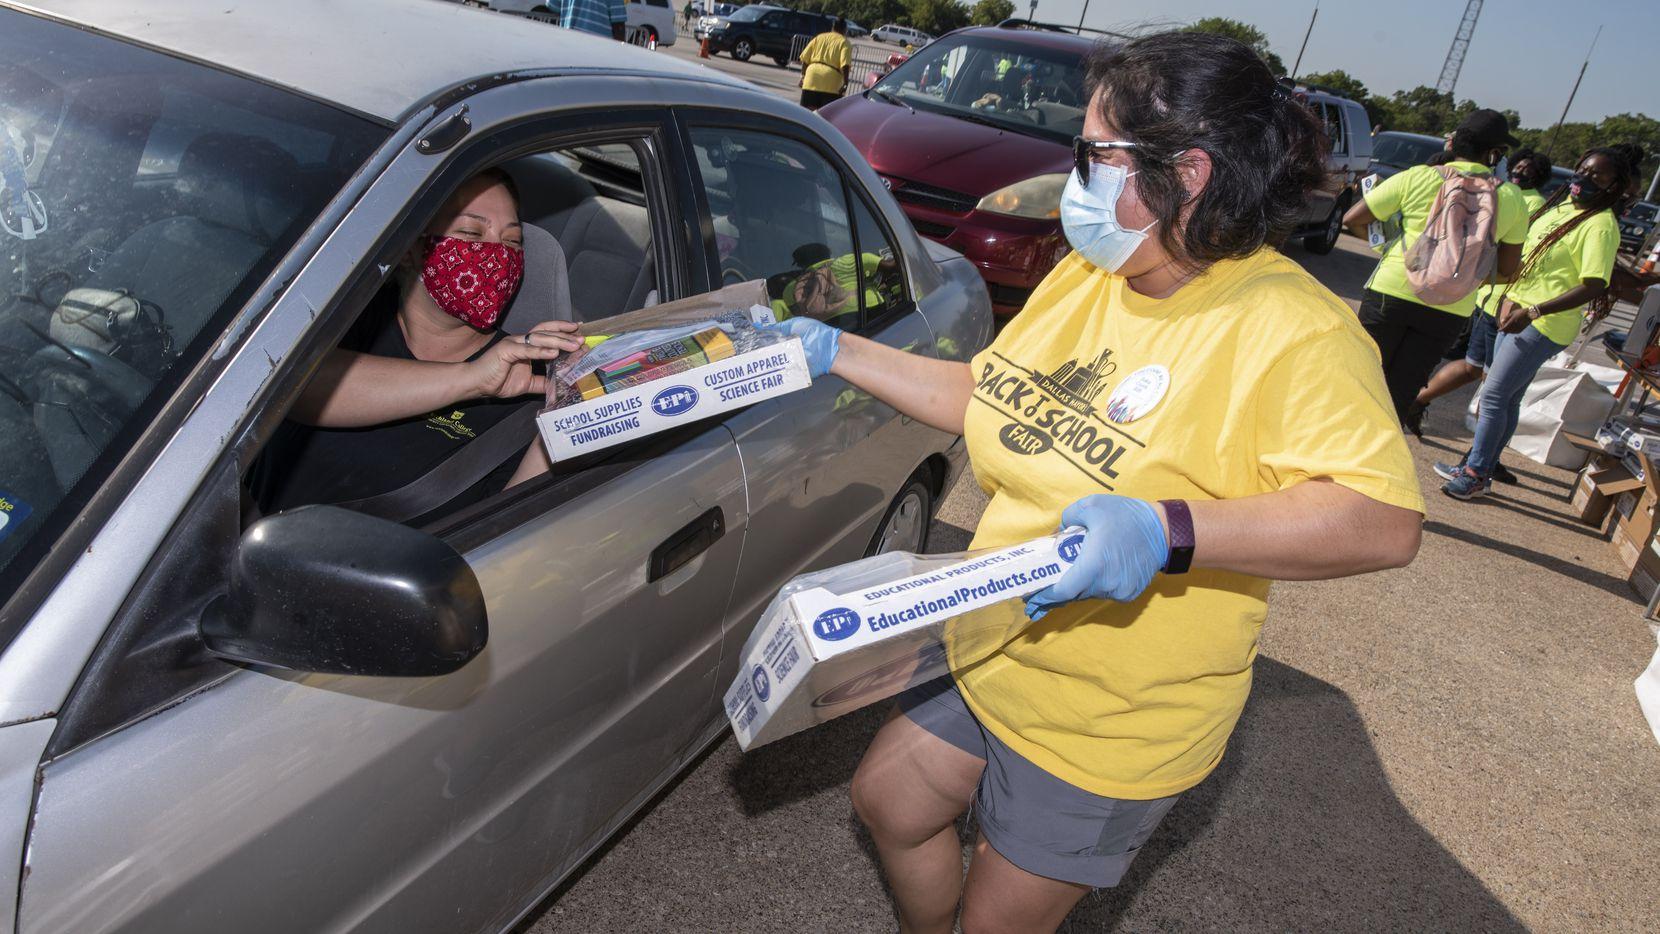 La voluntaria Sandra Cuéllar entrega útliles escolares para familias de Dallas durante la Feria de Regreso a Clases del Alcalde que por segundo año consecutivo se realizará mediante el sistema drive-thru.